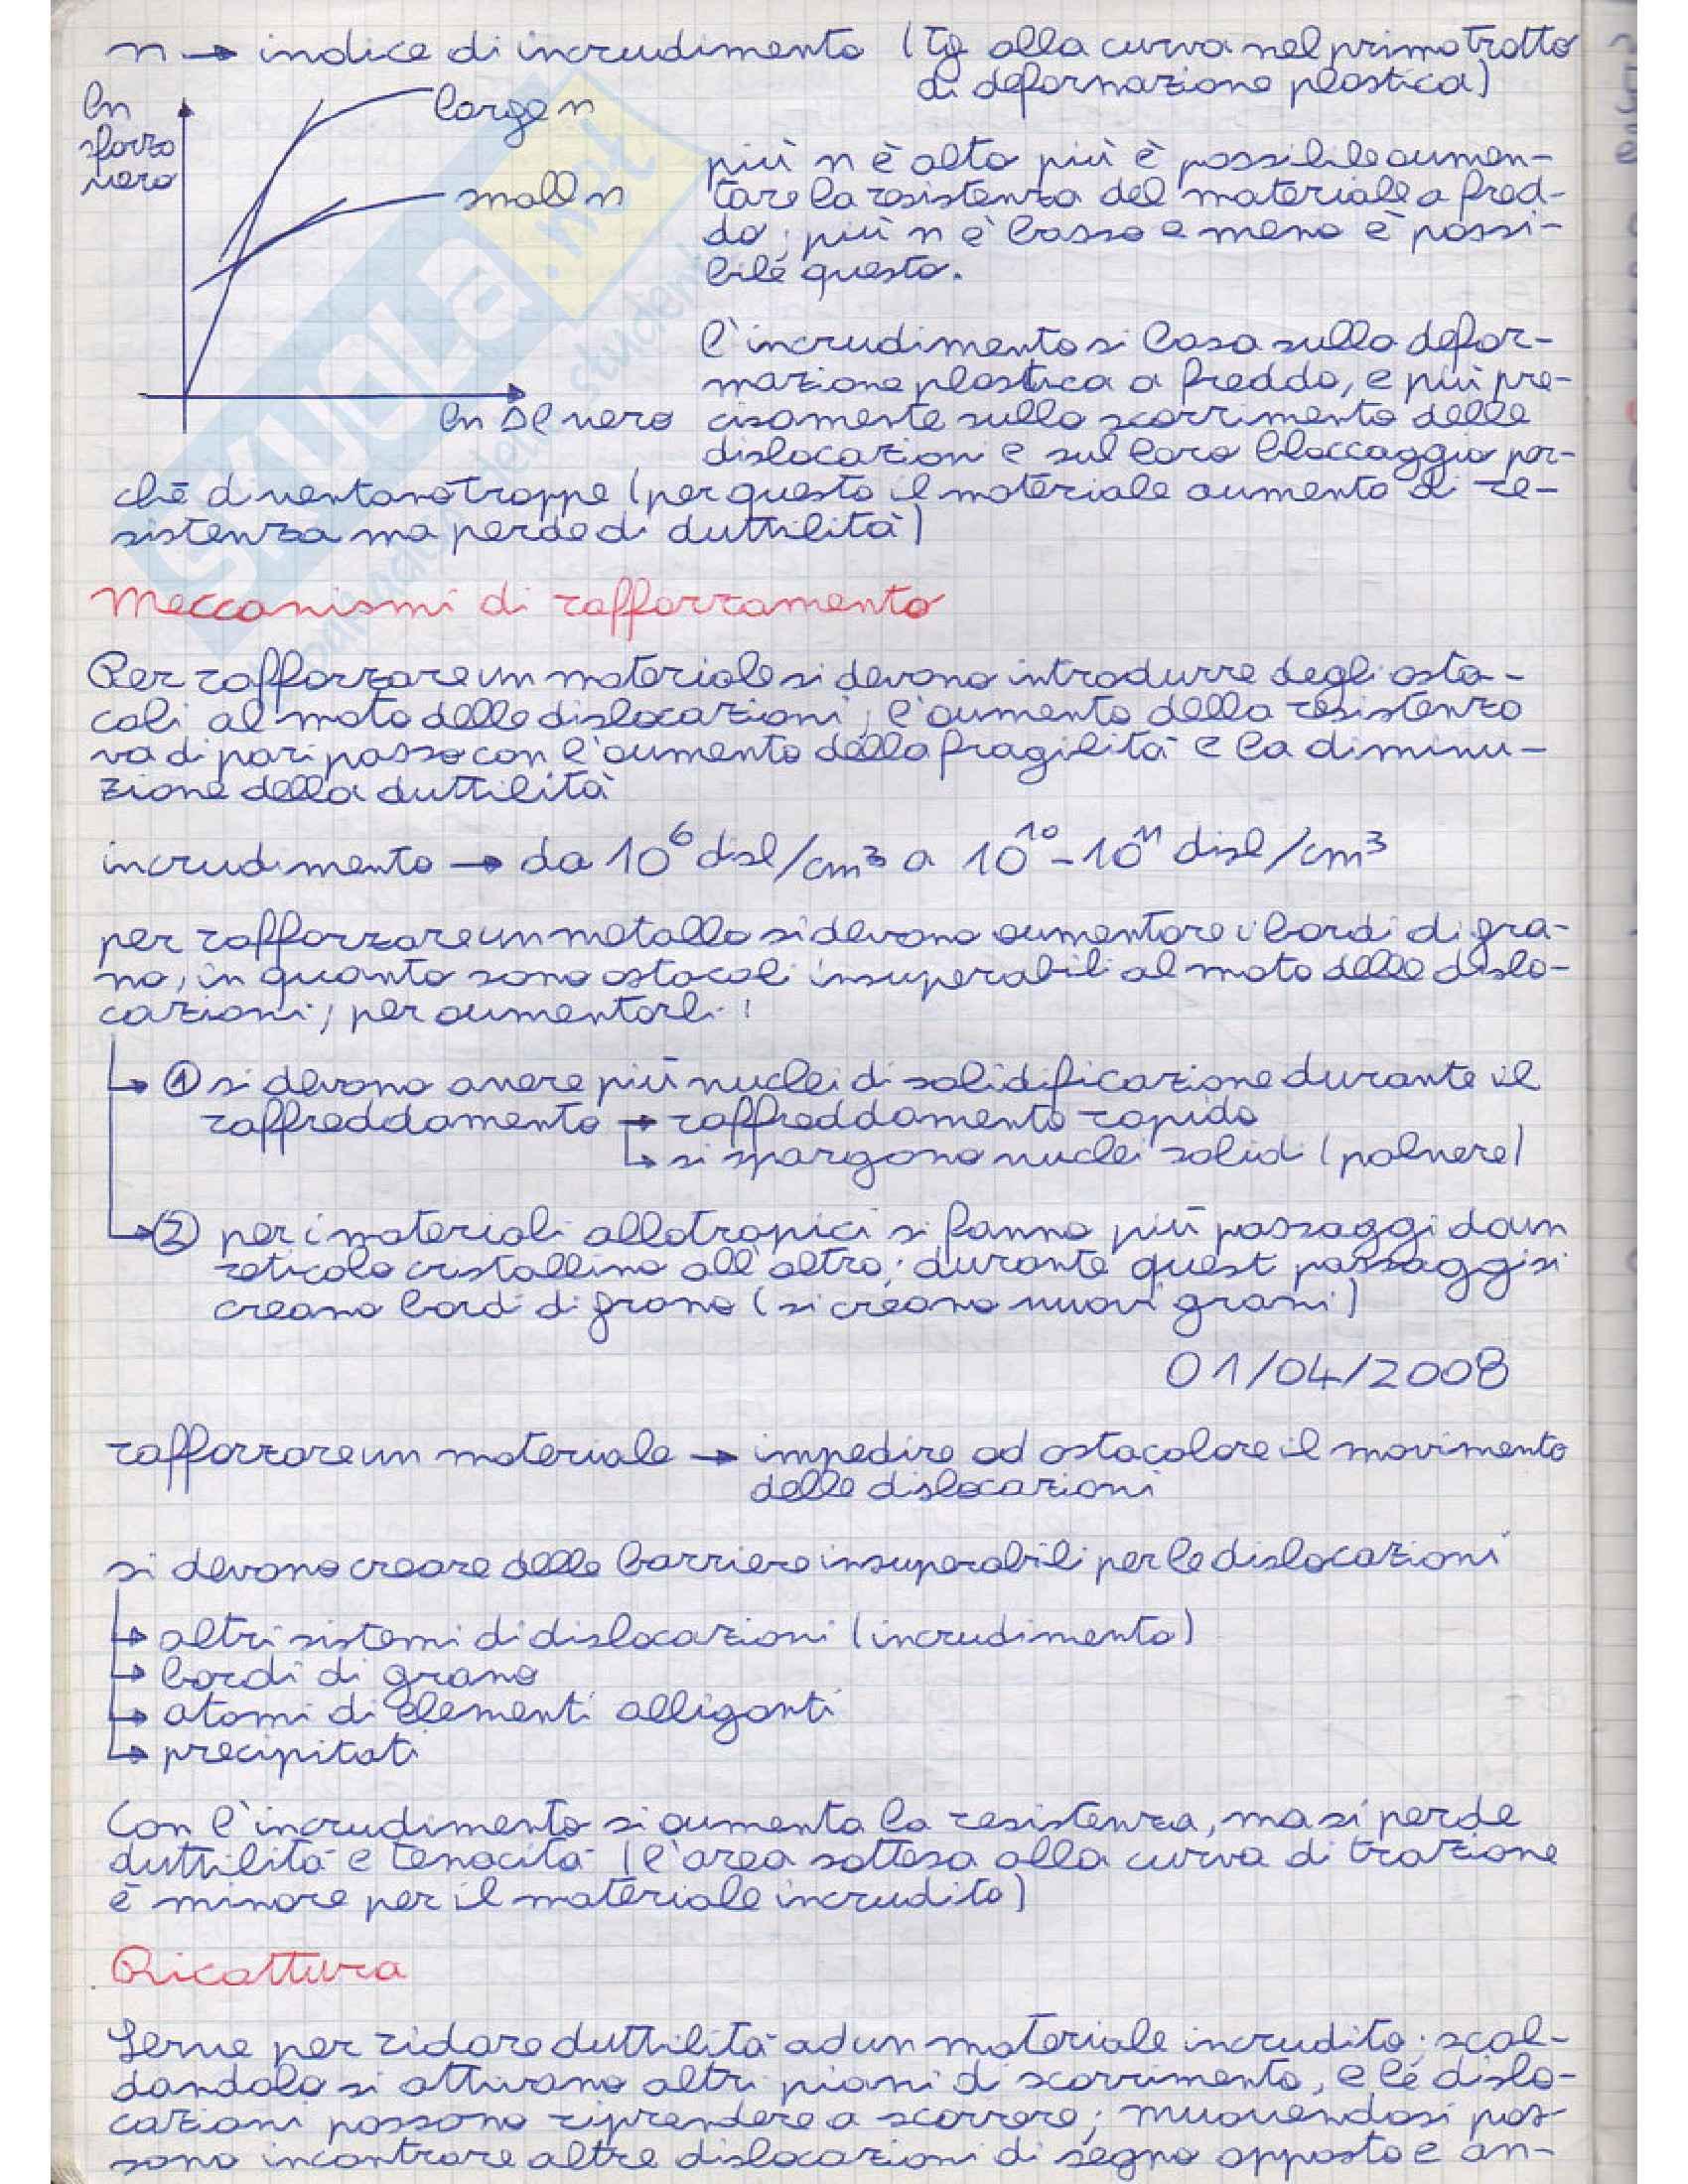 Lezioni, Metallurgia e materiali non metallici Pag. 26